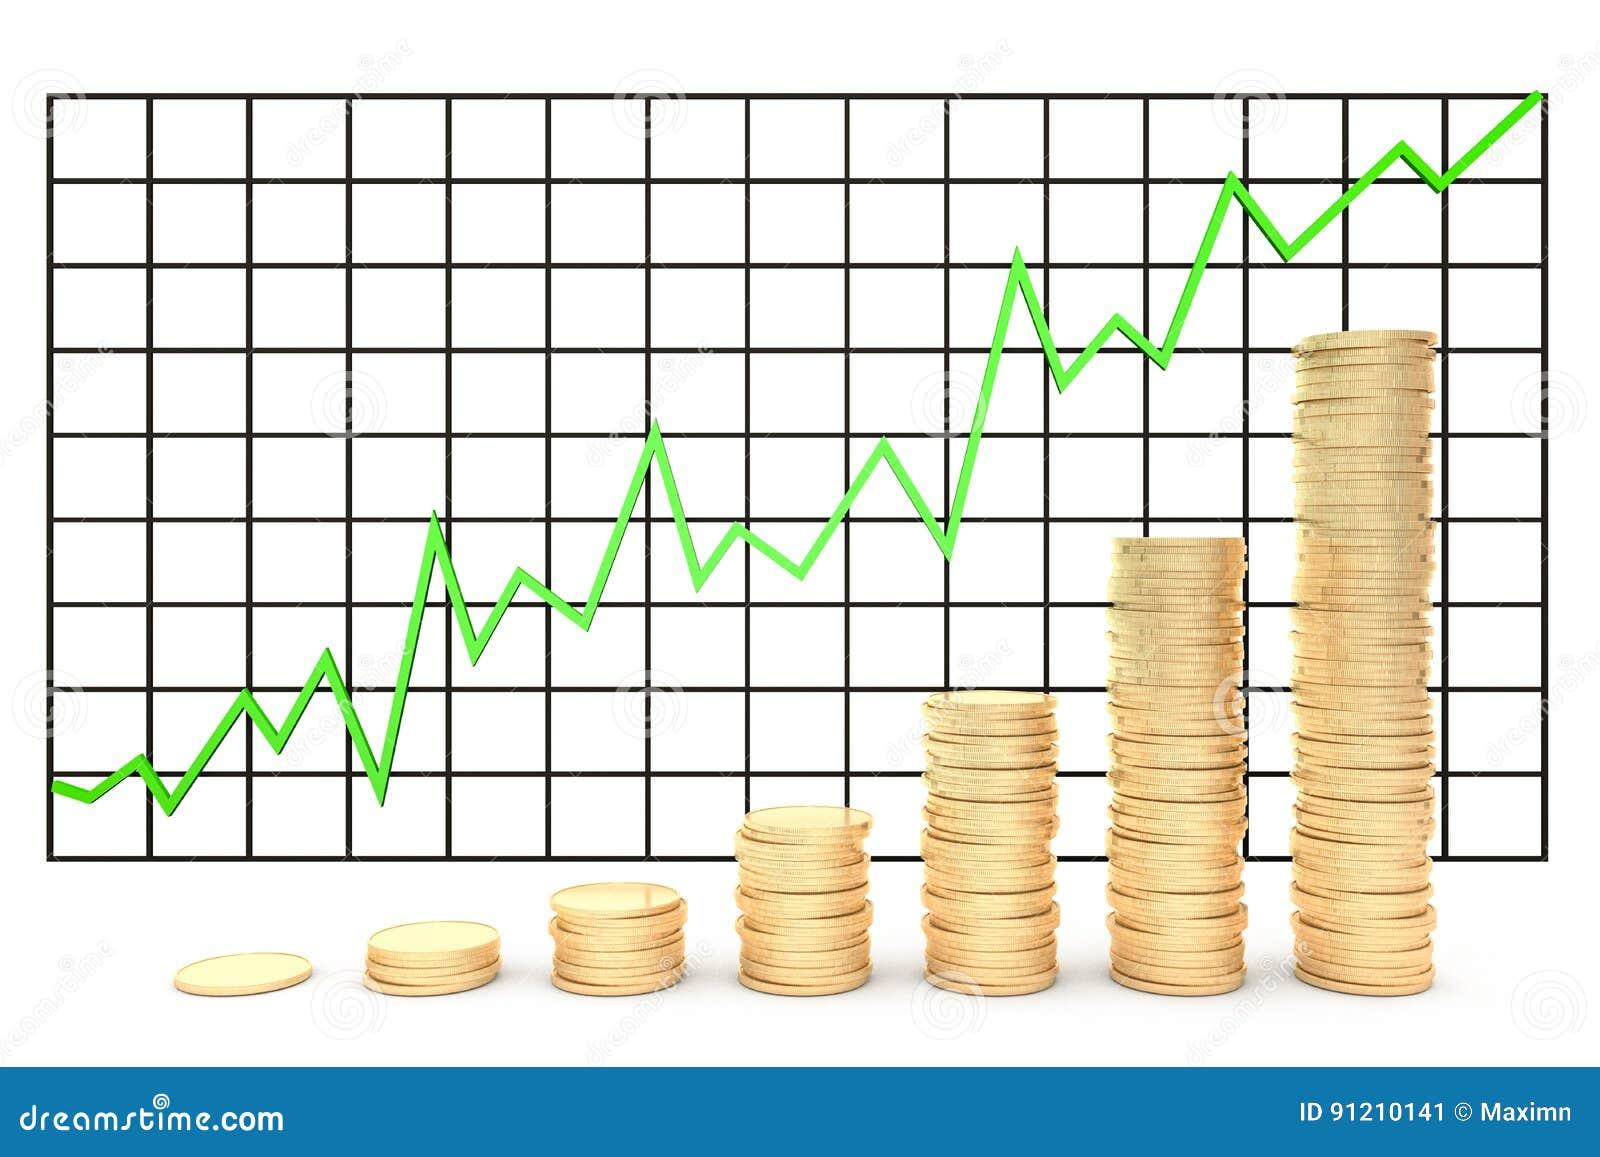 Ilustração 3d: Metal o mercado de valores de ação da carta do gráfico das moedas do cobre-ouro com linha verde - seta em um fundo